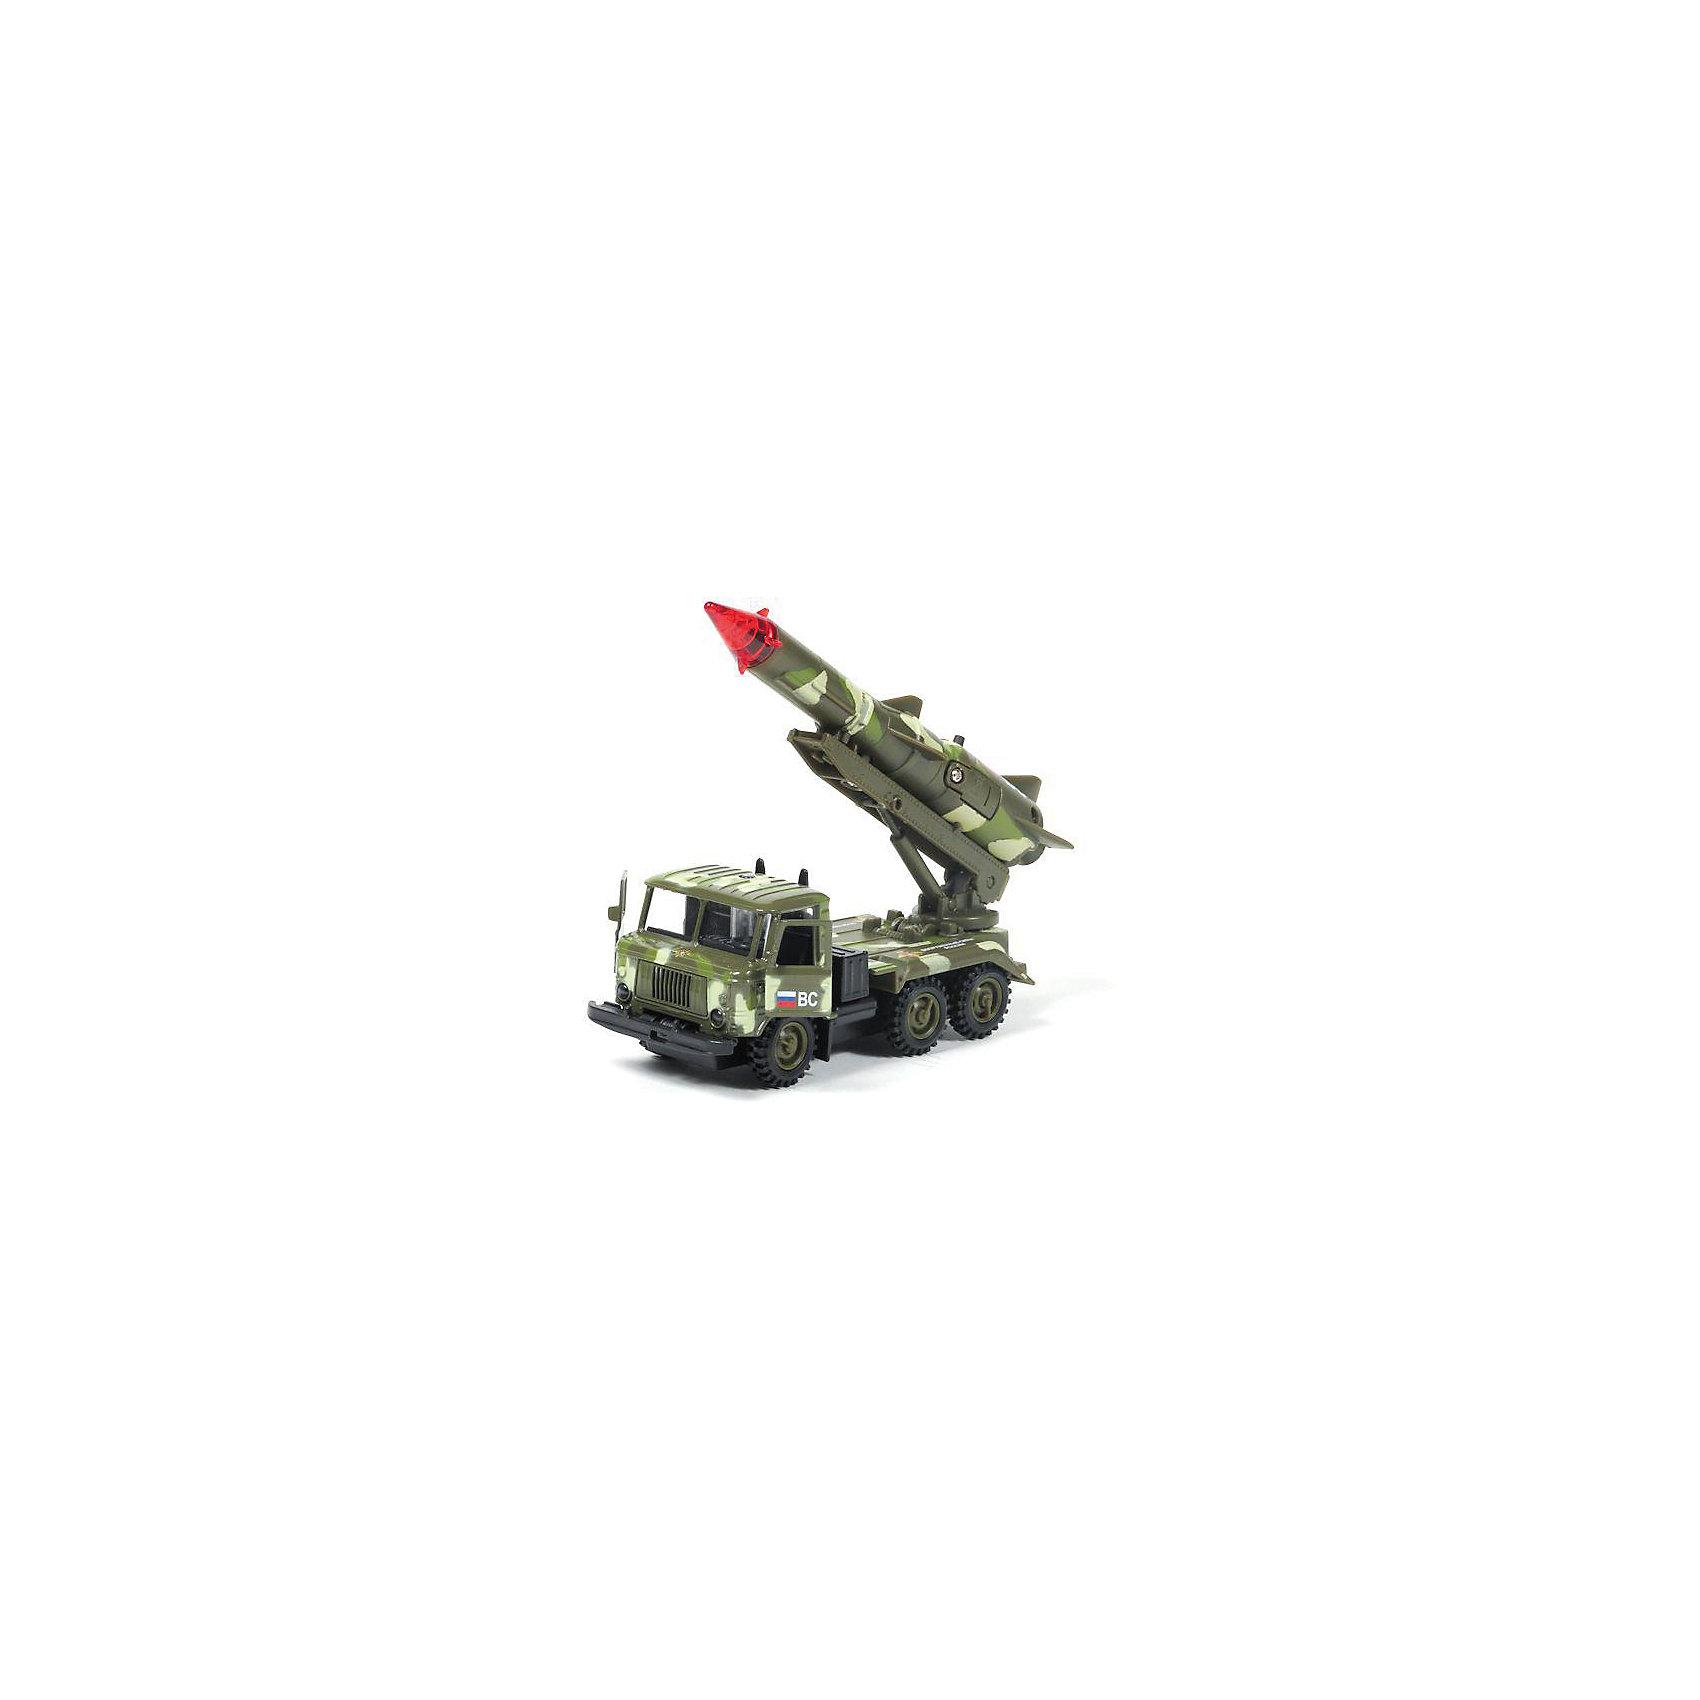 Машина ГАЗ 66: Ракета Военные силы, 1:43, со светом и звуком, ТЕХНОПАРККоллекционные модели<br>Машина ГАЗ 66: Ракета Военные силы, 1:43, со светом и звуком, ТЕХНОПАРК – это тщательно проработанная игровая и коллекционная модель.<br>Коллекционная модель ГАЗ 66: Ракета Военные силы - миниатюрная копия настоящего автомобиля. Модель, оборудованная светящейся боеголовкой и инерционным механизмом, украсит любую коллекцию моделей военной техники. Помимо светового, она оснащена еще и звуковым модулем, издающим характерный сигнал. Ракета поднимается и опускается. Двери машины открываются. Корпус машины металлический.<br><br>Дополнительная информация:<br><br>- Масштаб: 1:43<br>- Материал: металл, пластик<br>- Цвет: хаки<br>- На батарейках<br>- Размер упаковки: 21х15х6см.<br>- Вес: 220 гр.<br><br>Машину ГАЗ 66: Ракета Военные силы, 1:43, со светом и звуком, ТЕХНОПАРК можно купить в нашем интернет-магазине.<br><br>Ширина мм: 210<br>Глубина мм: 60<br>Высота мм: 160<br>Вес г: 220<br>Возраст от месяцев: 36<br>Возраст до месяцев: 120<br>Пол: Мужской<br>Возраст: Детский<br>SKU: 4077251